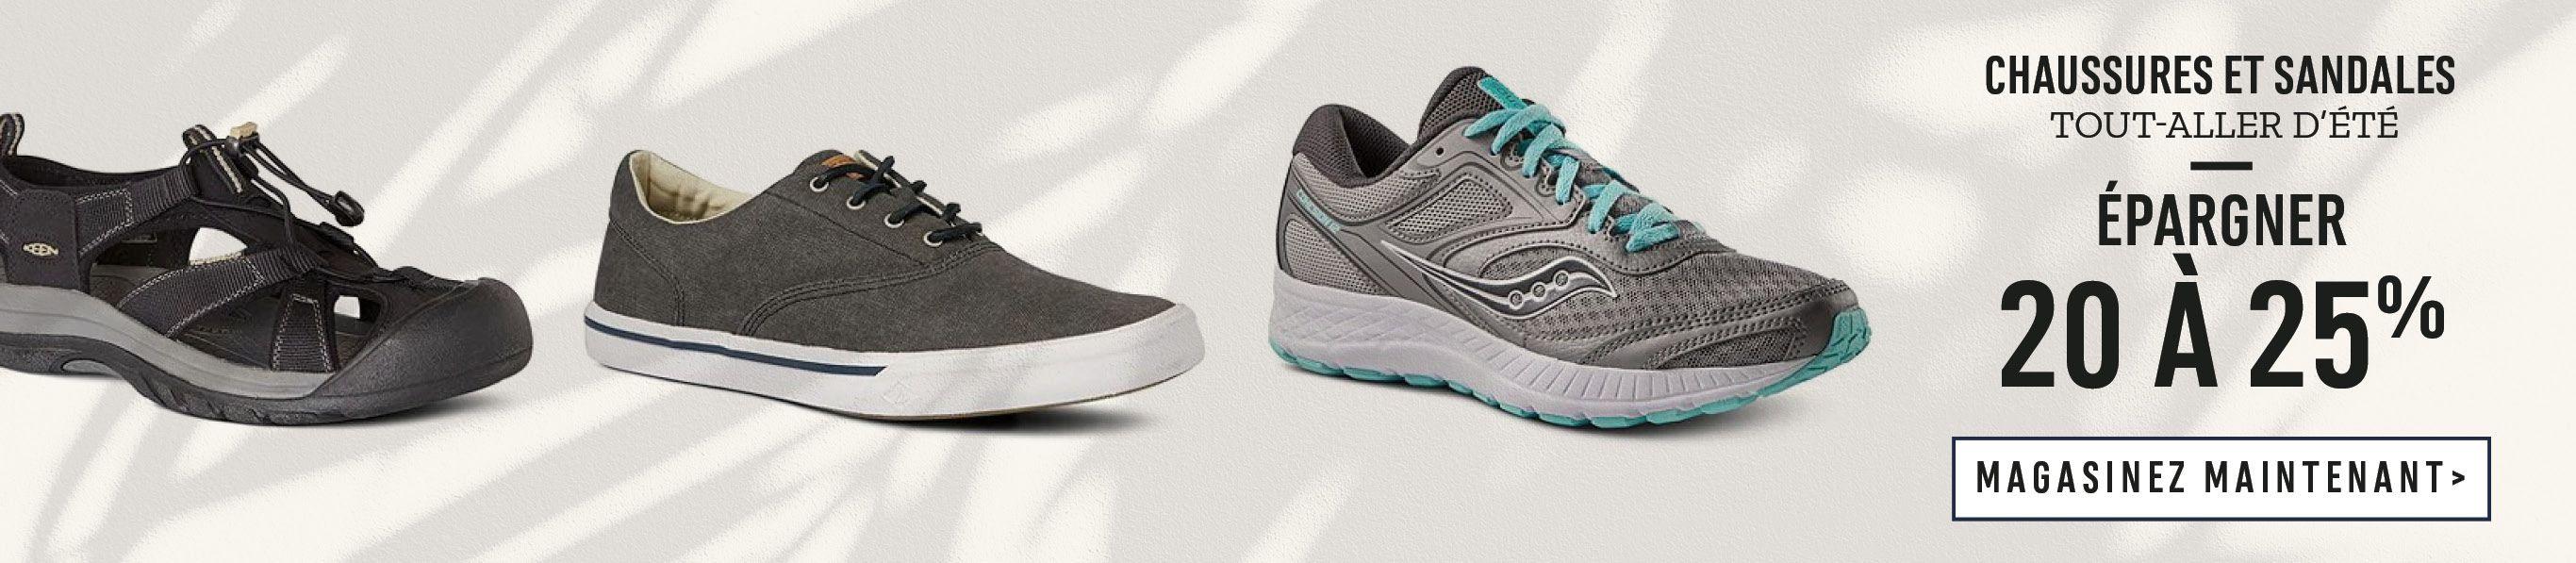 Chaussures et sandales tout-aller d'été : 20 à 25%. Magasinez Maintenant.